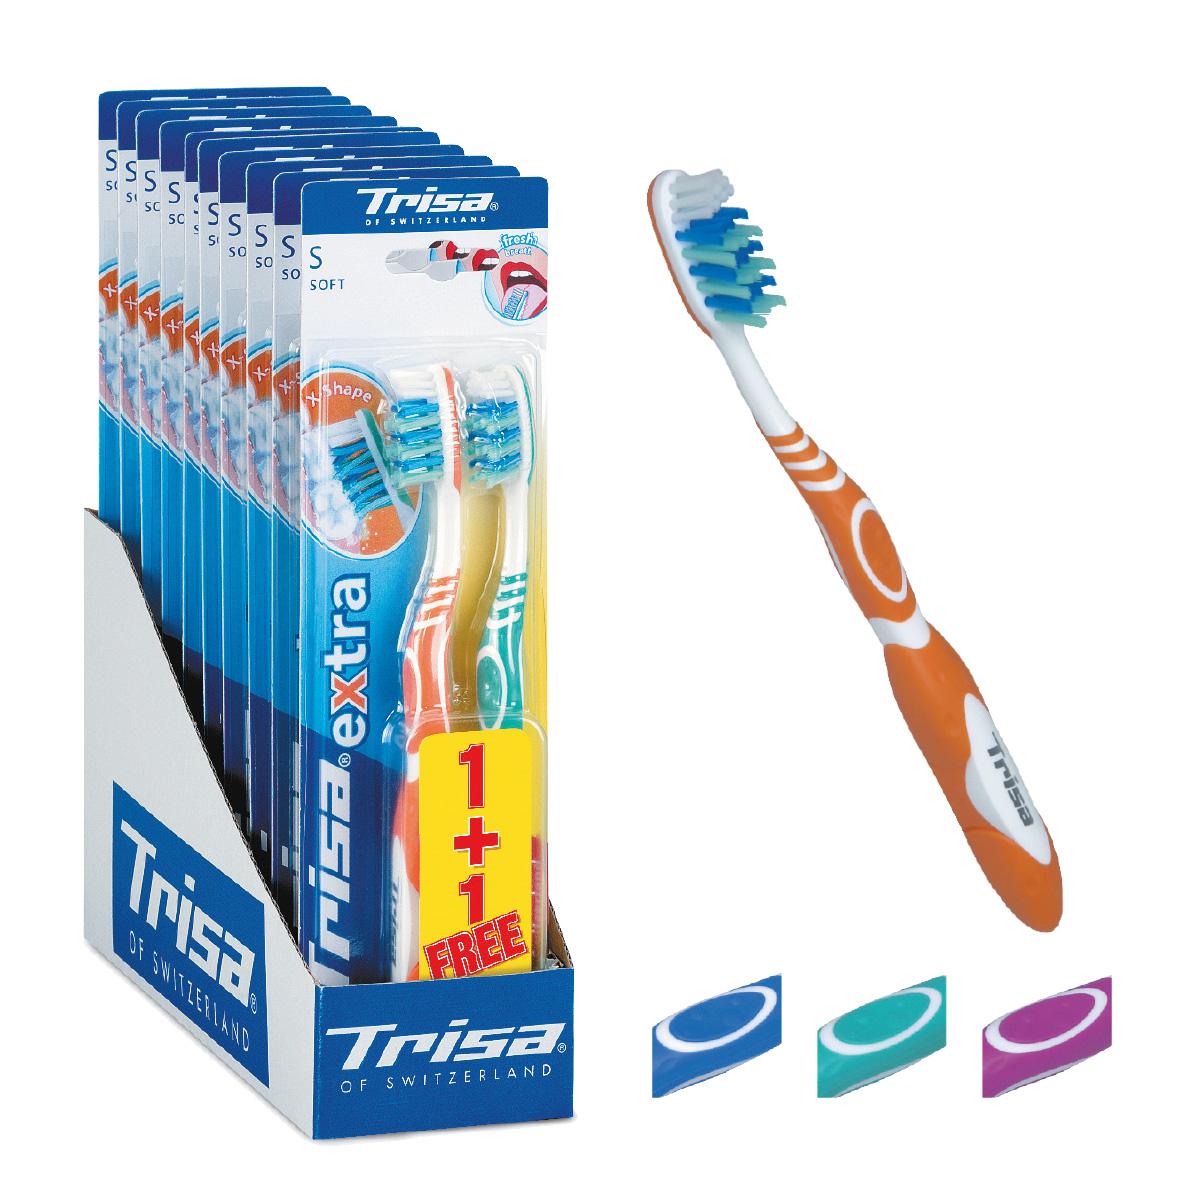 Trisa Зубная щетка Экстра 2 в 1, мягкая626430Зубная щетка Trisa Extra 2 for 1 - мягкая щетина - произведена в Швейцарии в соответствии с новейшими научными разработками. Профилактическая зубная щетка. Многоуровневая перекрестная щетина обеспечивает качественную чистку. На обратной стороне головки пластиковый скребок для языка. Удобный семейный вариант – в упаковке 2 щетки разного цвета по цене 1 щетки.